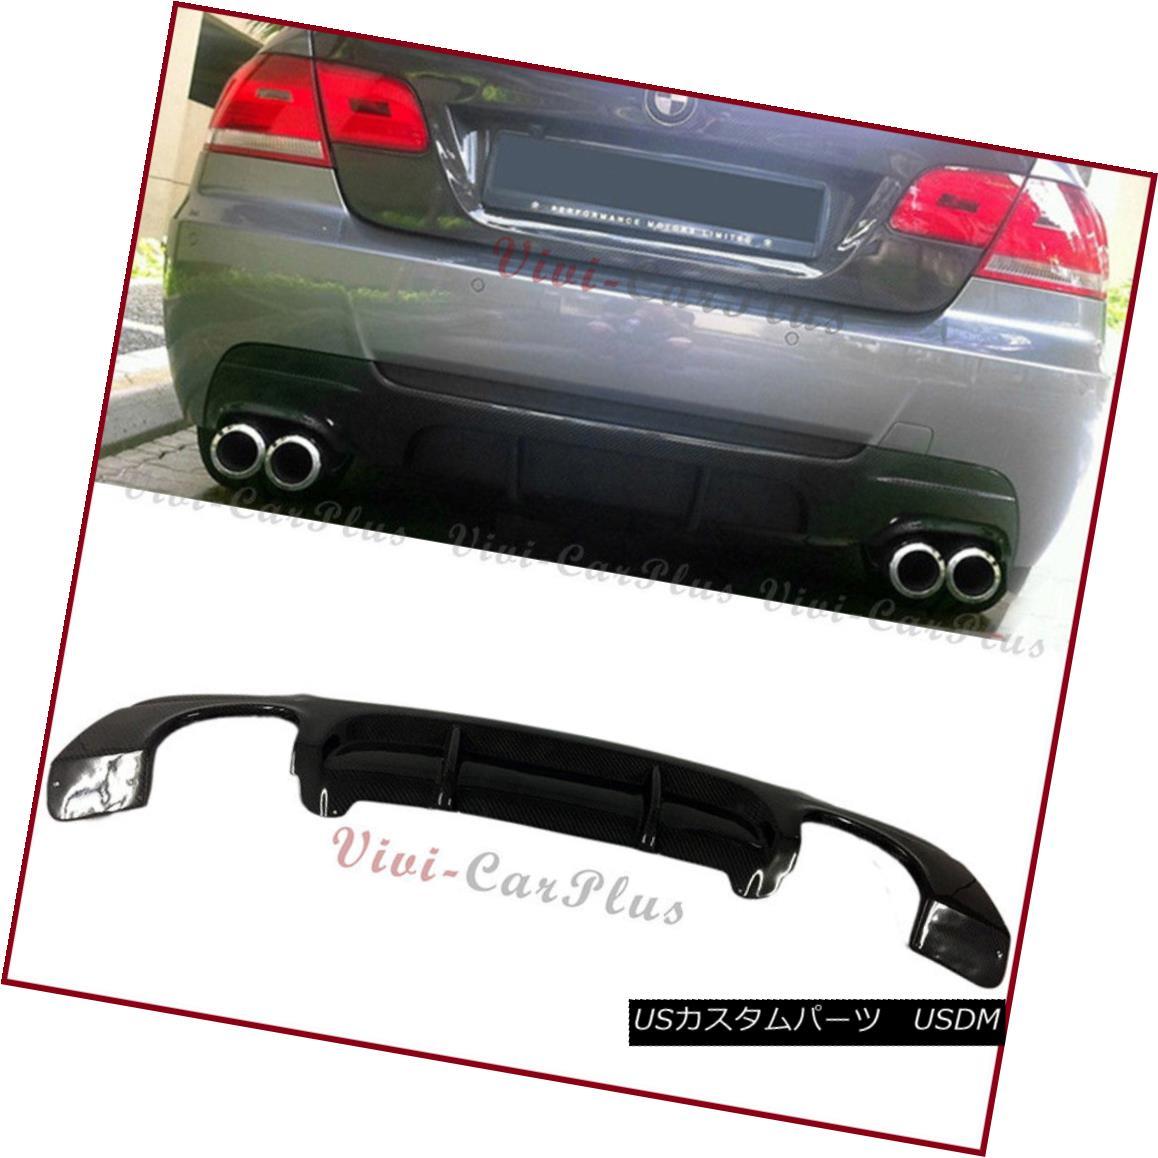 エアロパーツ Fit 07-13 E92 E93 328i 335i M-Sport Bumper Carbon Fiber P Quad Tip Rear Diffuser フィット07-13 E92 E93 328i 335i M-スポーツバンパー炭素繊維Pクワッドチップリアディフューザー